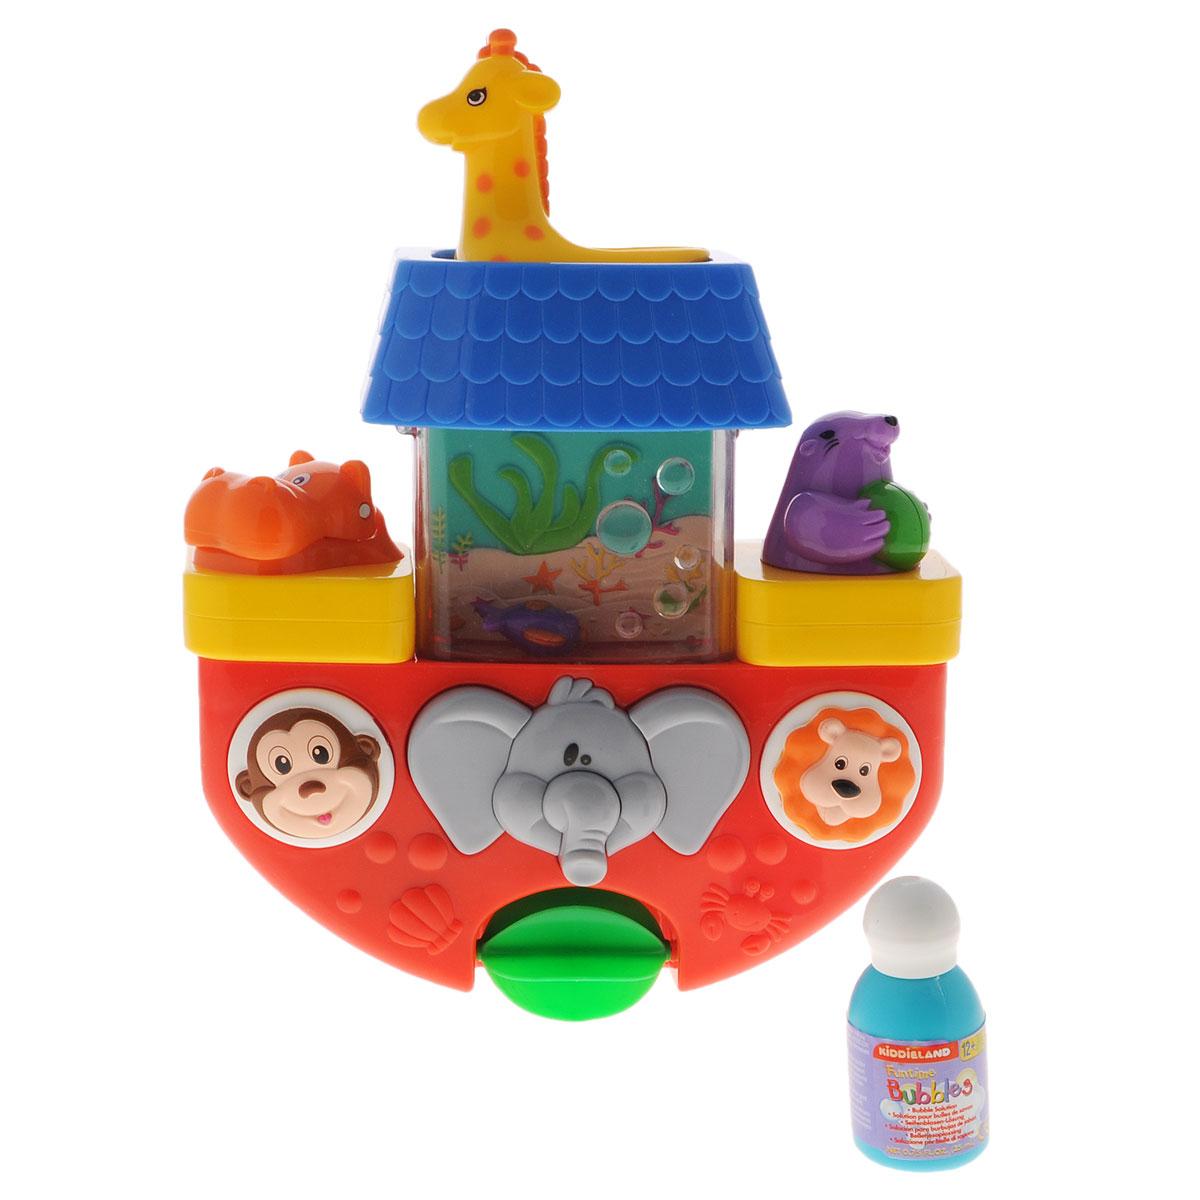 Kiddieland Игрушка для ванны КорабликKID 029645С игрушкой для ванны Kiddieland Кораблик ни один ребенок не захочет вылезать из ванны! Лейте воду черпачком-жирафом и наблюдайте за маленькой рыбкой, которая плавает в прозрачном резервуаре. Вода медленно начнет стекать по туловищу слона и крутить водное колесо. Нажмите, чтобы пустить струю воды из веселого тюленя, или наблюдайте за пузырьками, вылетающими из большого рта гиппопотама! Игрушка имеет присоски для установки на любую ровную поверхность. Превратите купание малыша в веселый праздник!